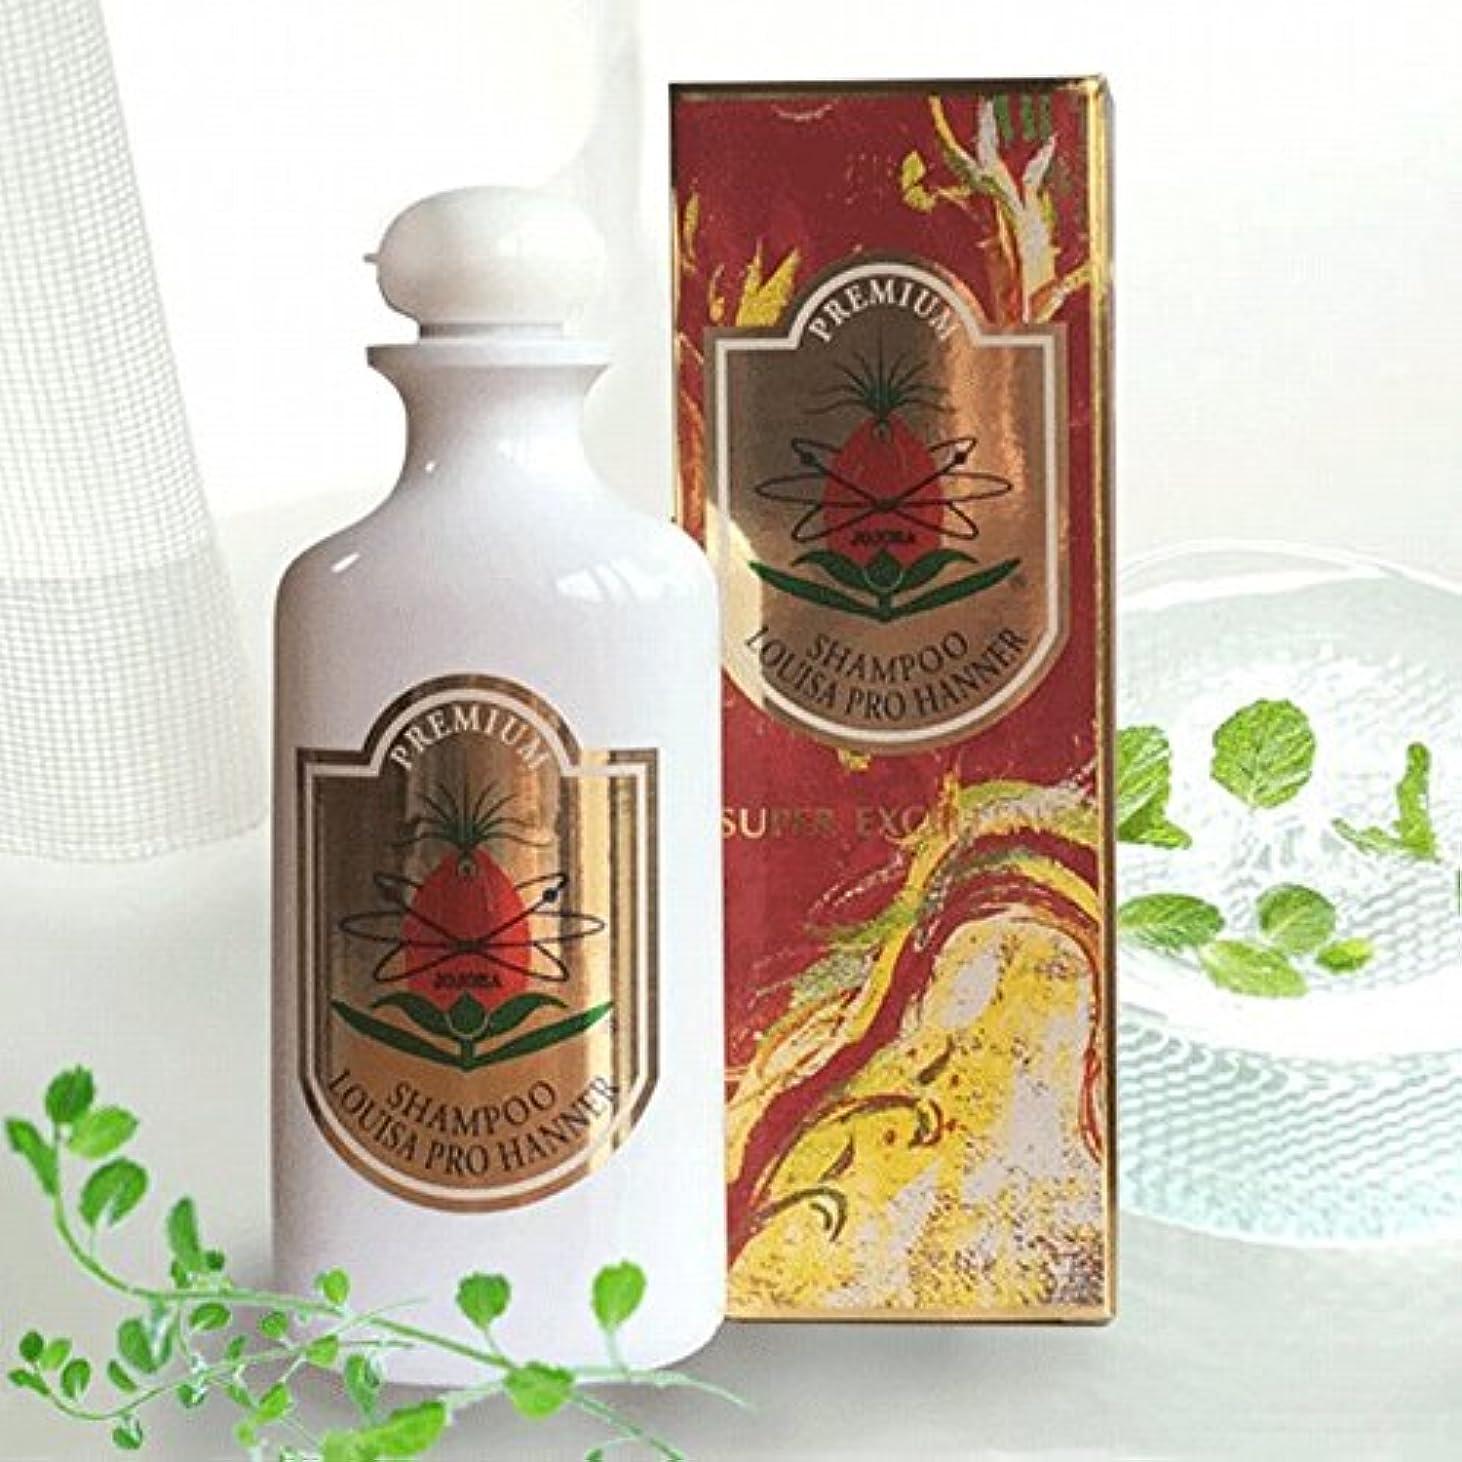 数値記念碑提供医薬部外品 薬用ルイザプロハンナシャンプープレミアム新登場Louisa Pro Hanner Shampoo Premium 天然成分配合の自然派シャンプー